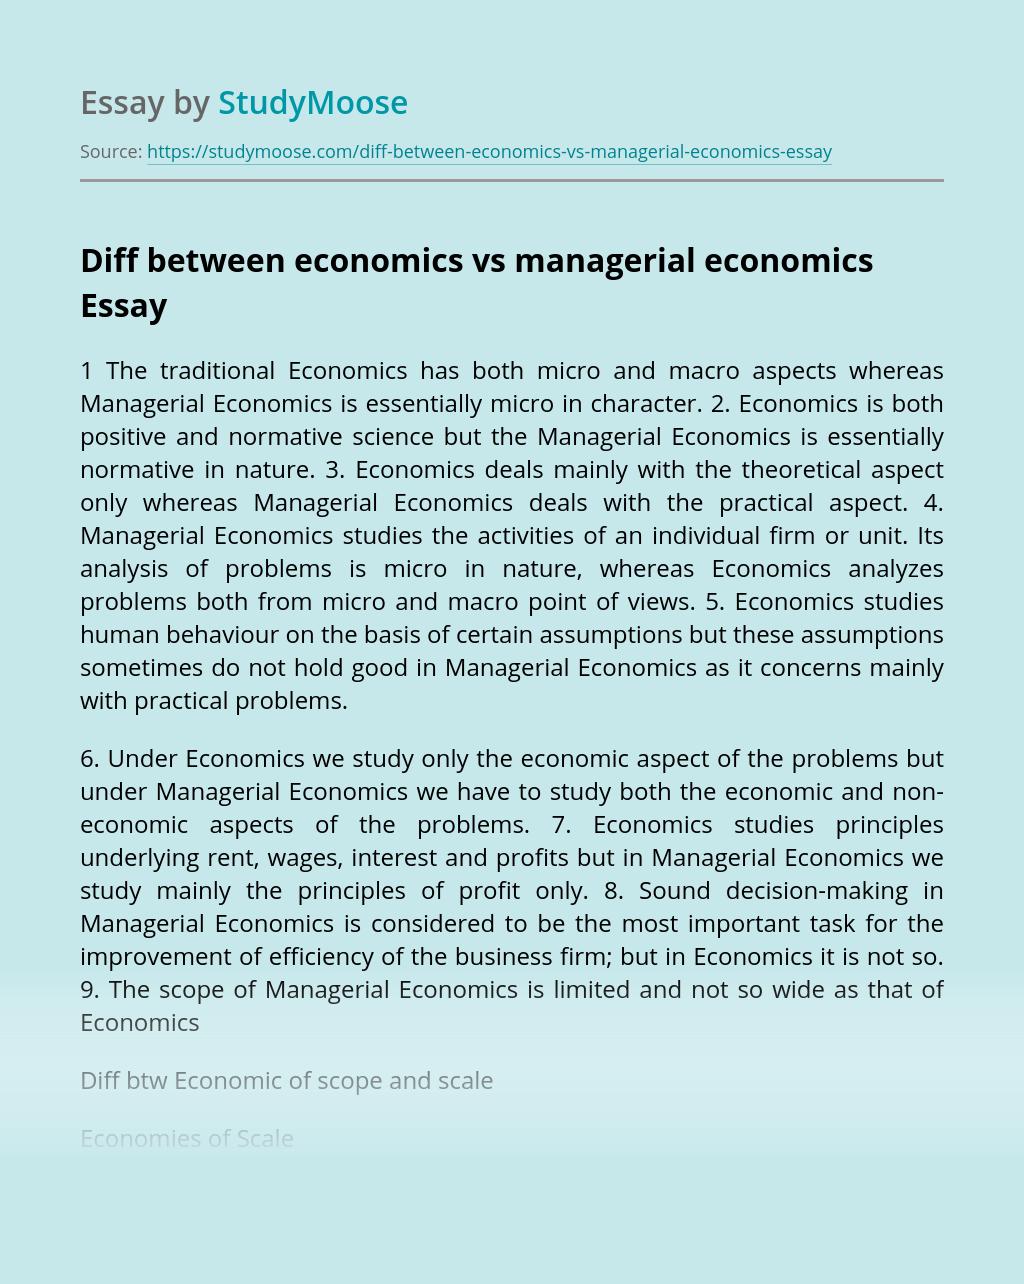 Diff between economics vs managerial economics